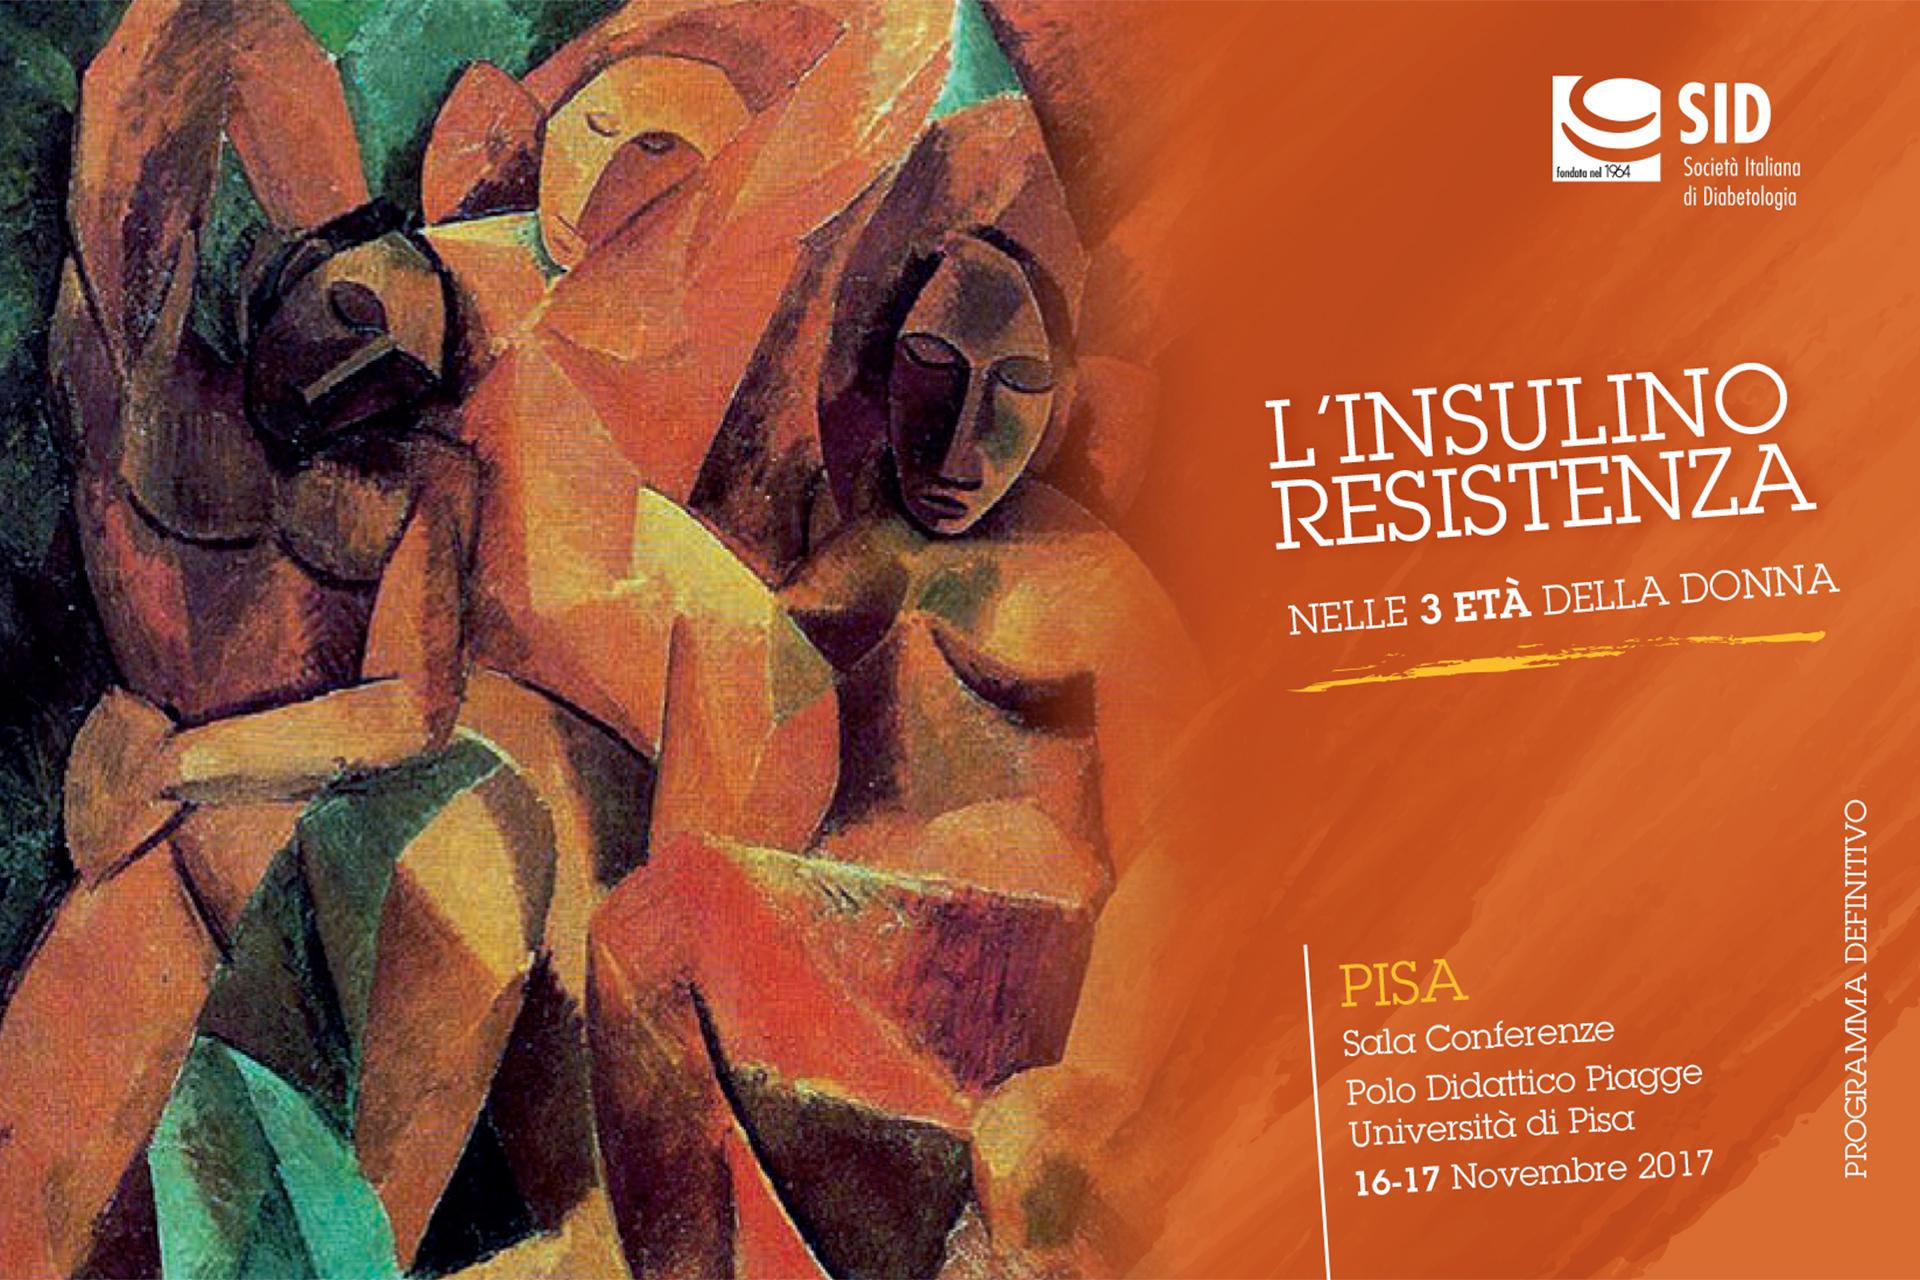 16 - 17 novembre 2017 - Pisa - L'insulino-resistenza nelle 3 età della donna